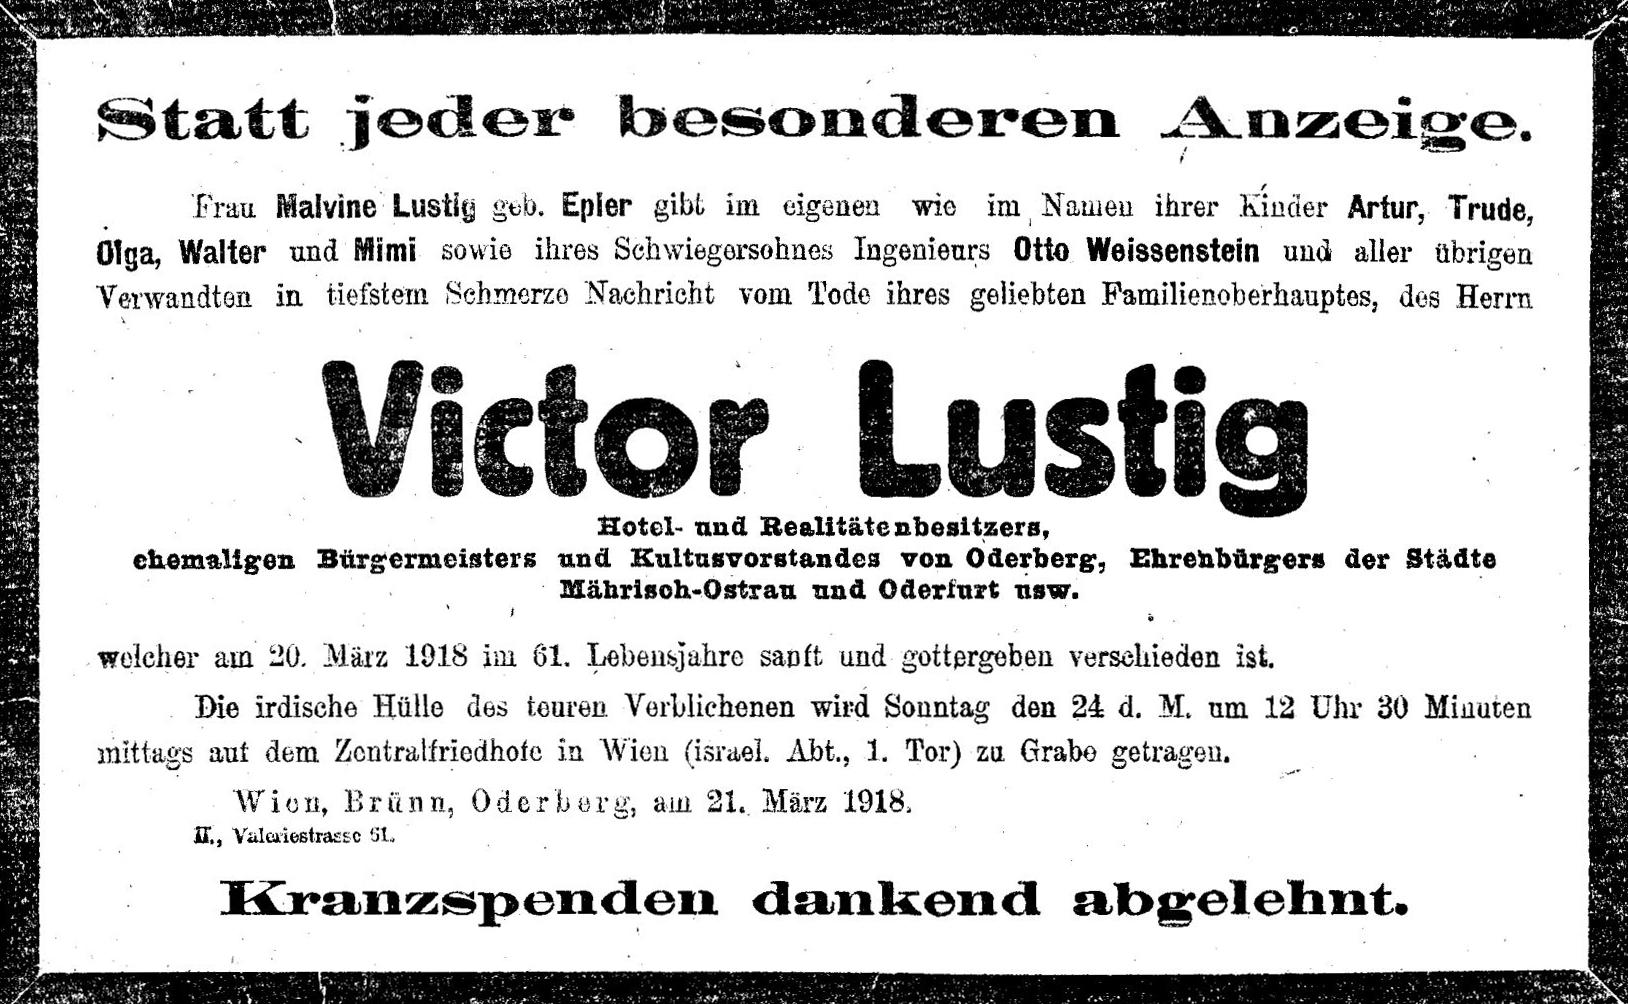 Traueranzeige Victor Lustig, 1918